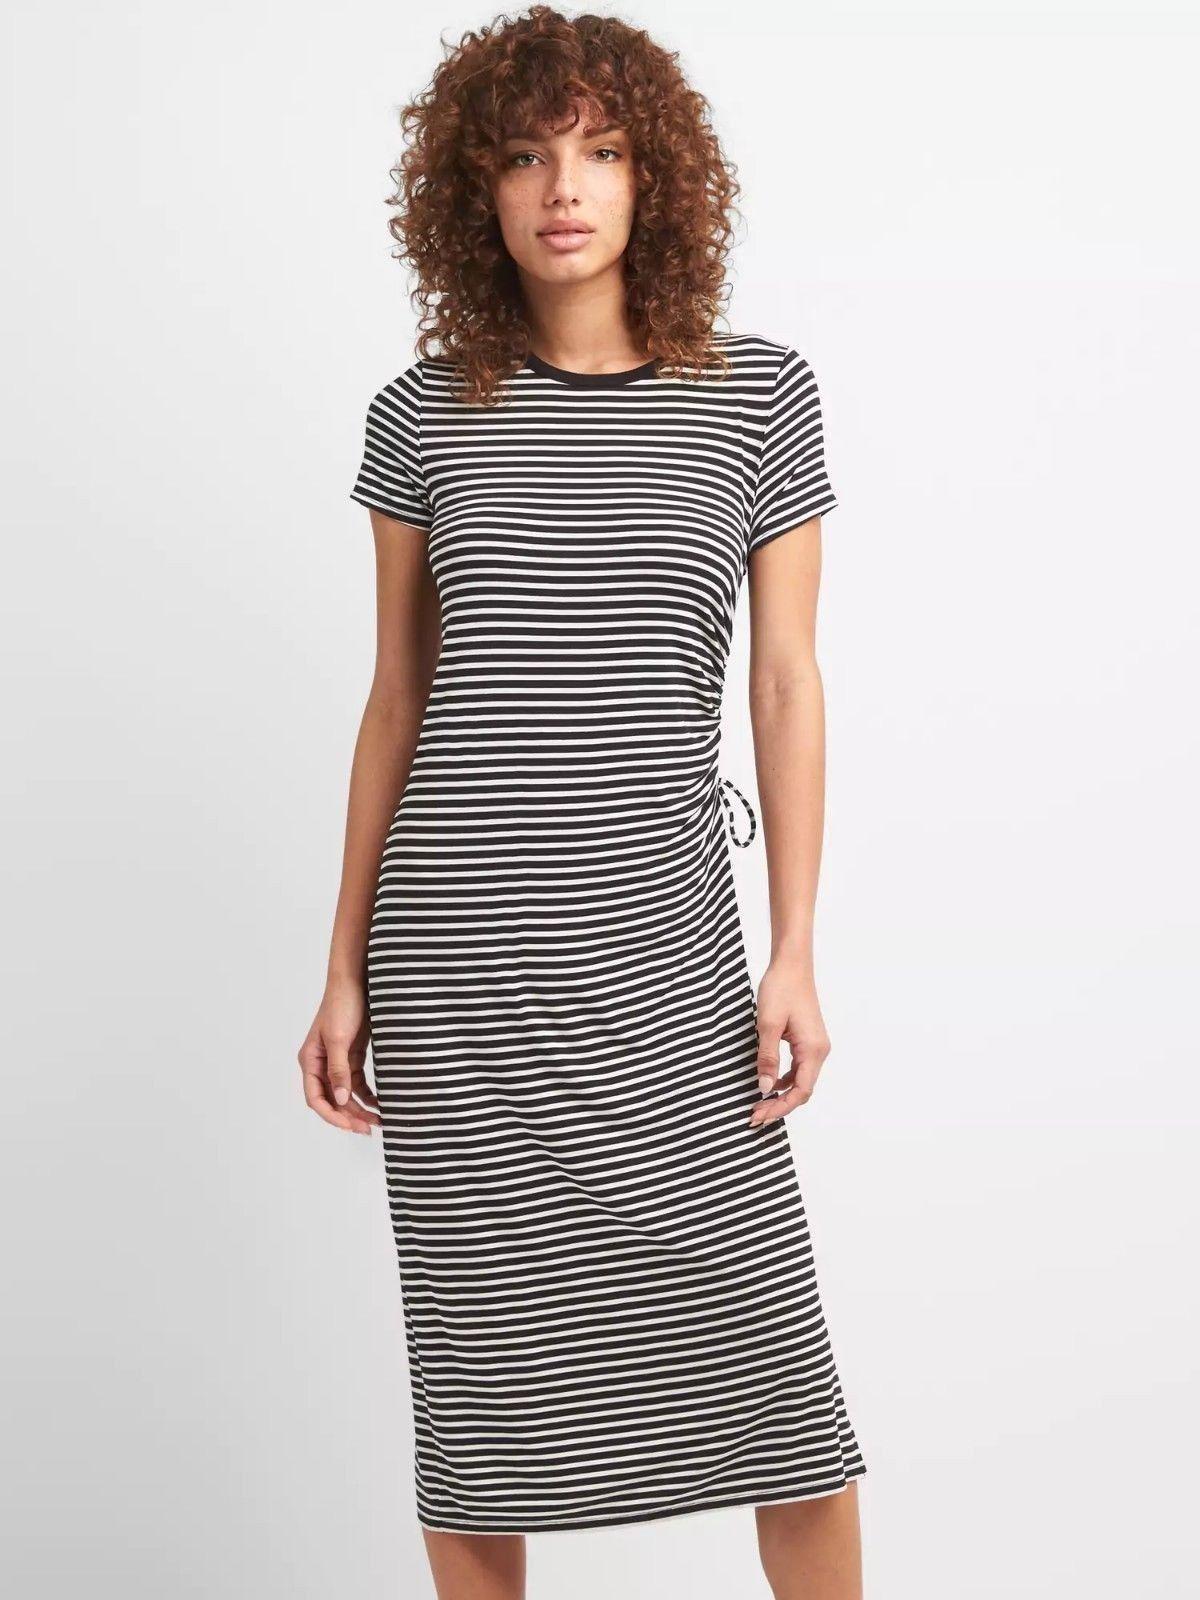 f5b5f4b6aaa NEW GAP Womens Ruched Black White Stripe Midi Dress Knit Drapey Size S  59  NWT